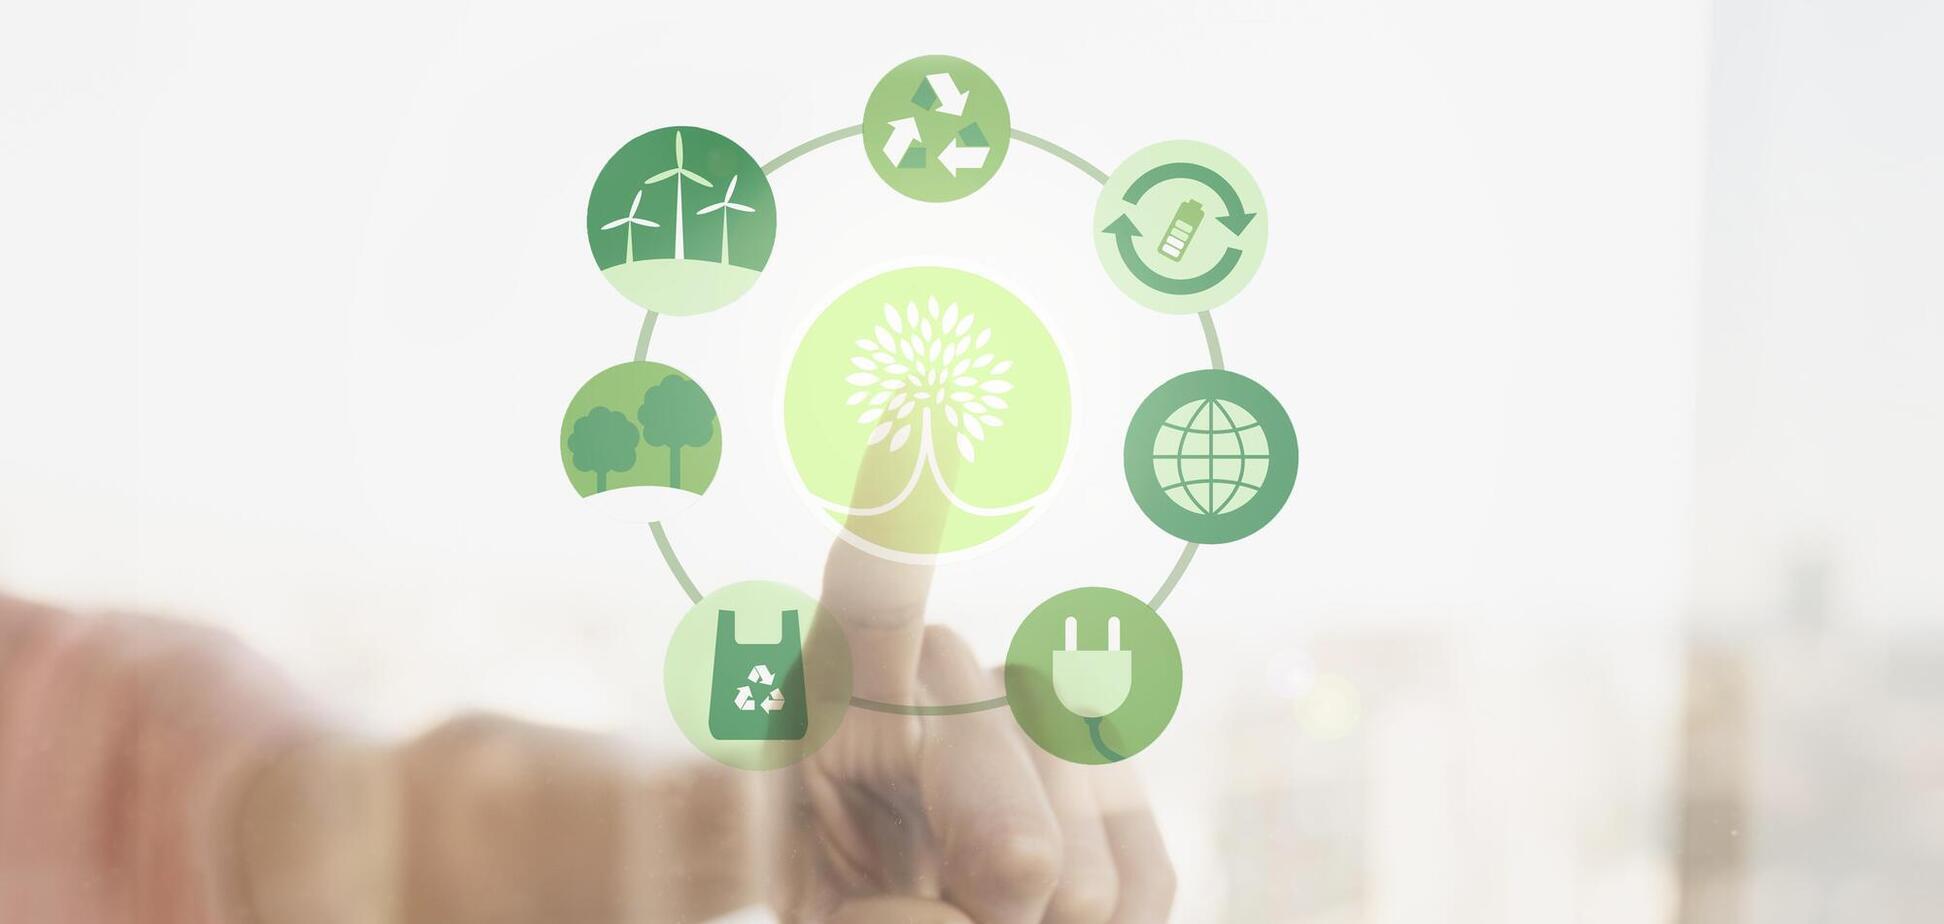 Эффективность и прибыльность компаний определяется экологической ответственностью и социальными инициативами